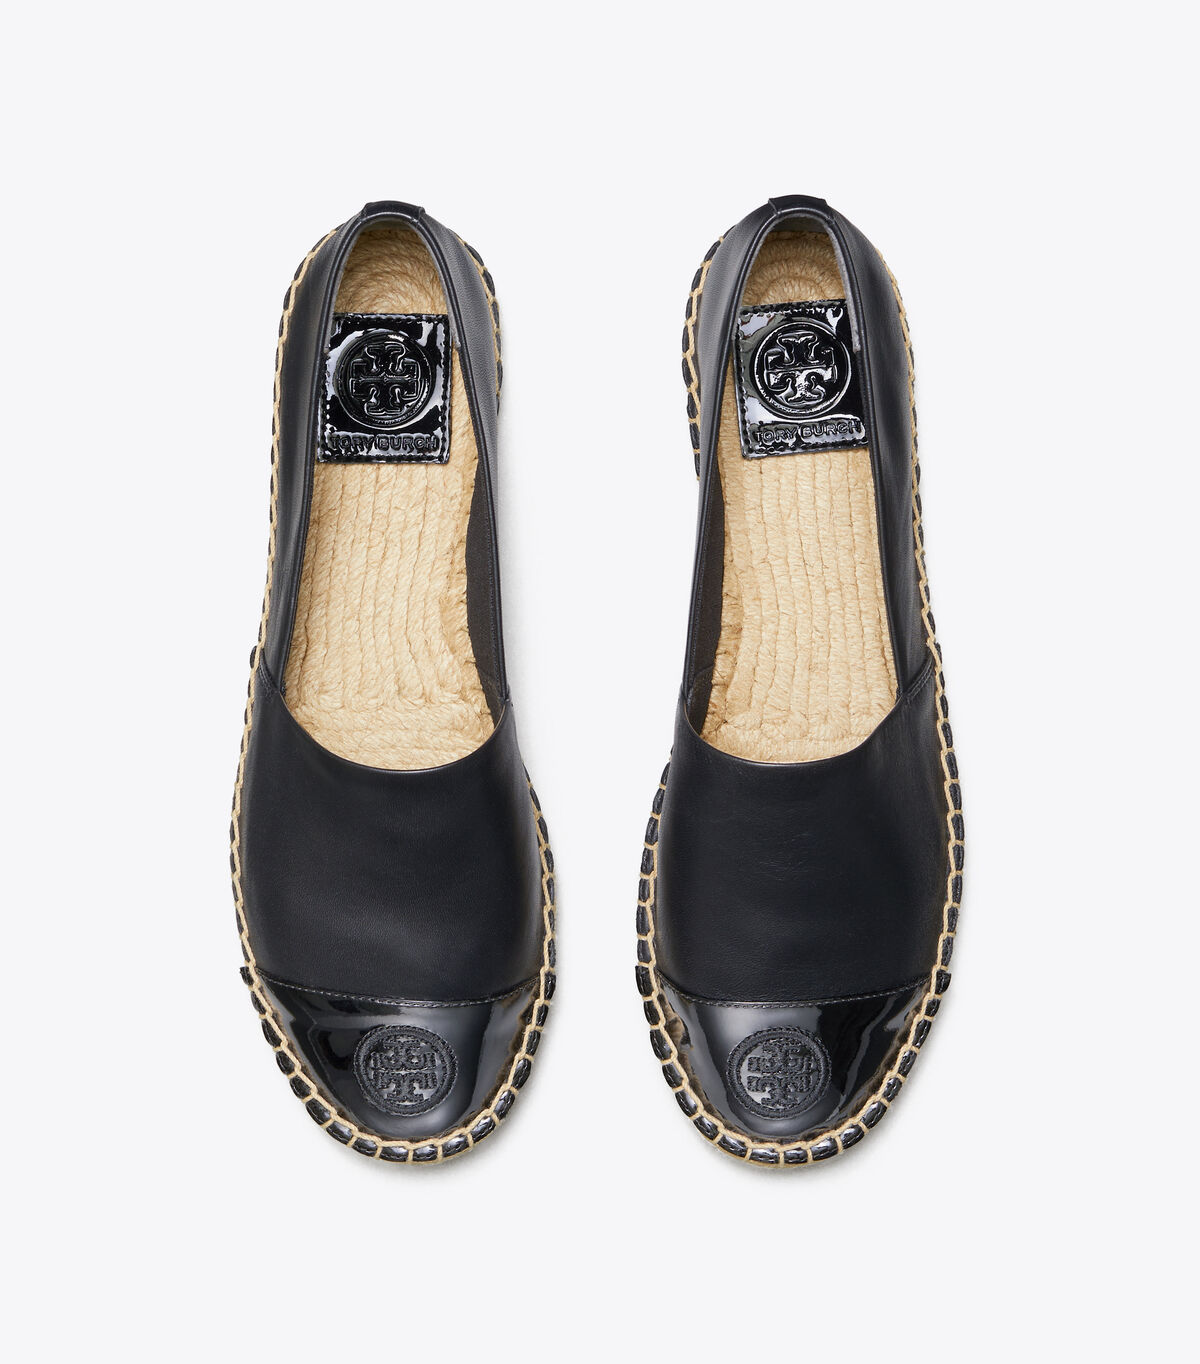 حذاء قماشي زحاف كولور بلوك/004/ أحذية قماشية زحاف